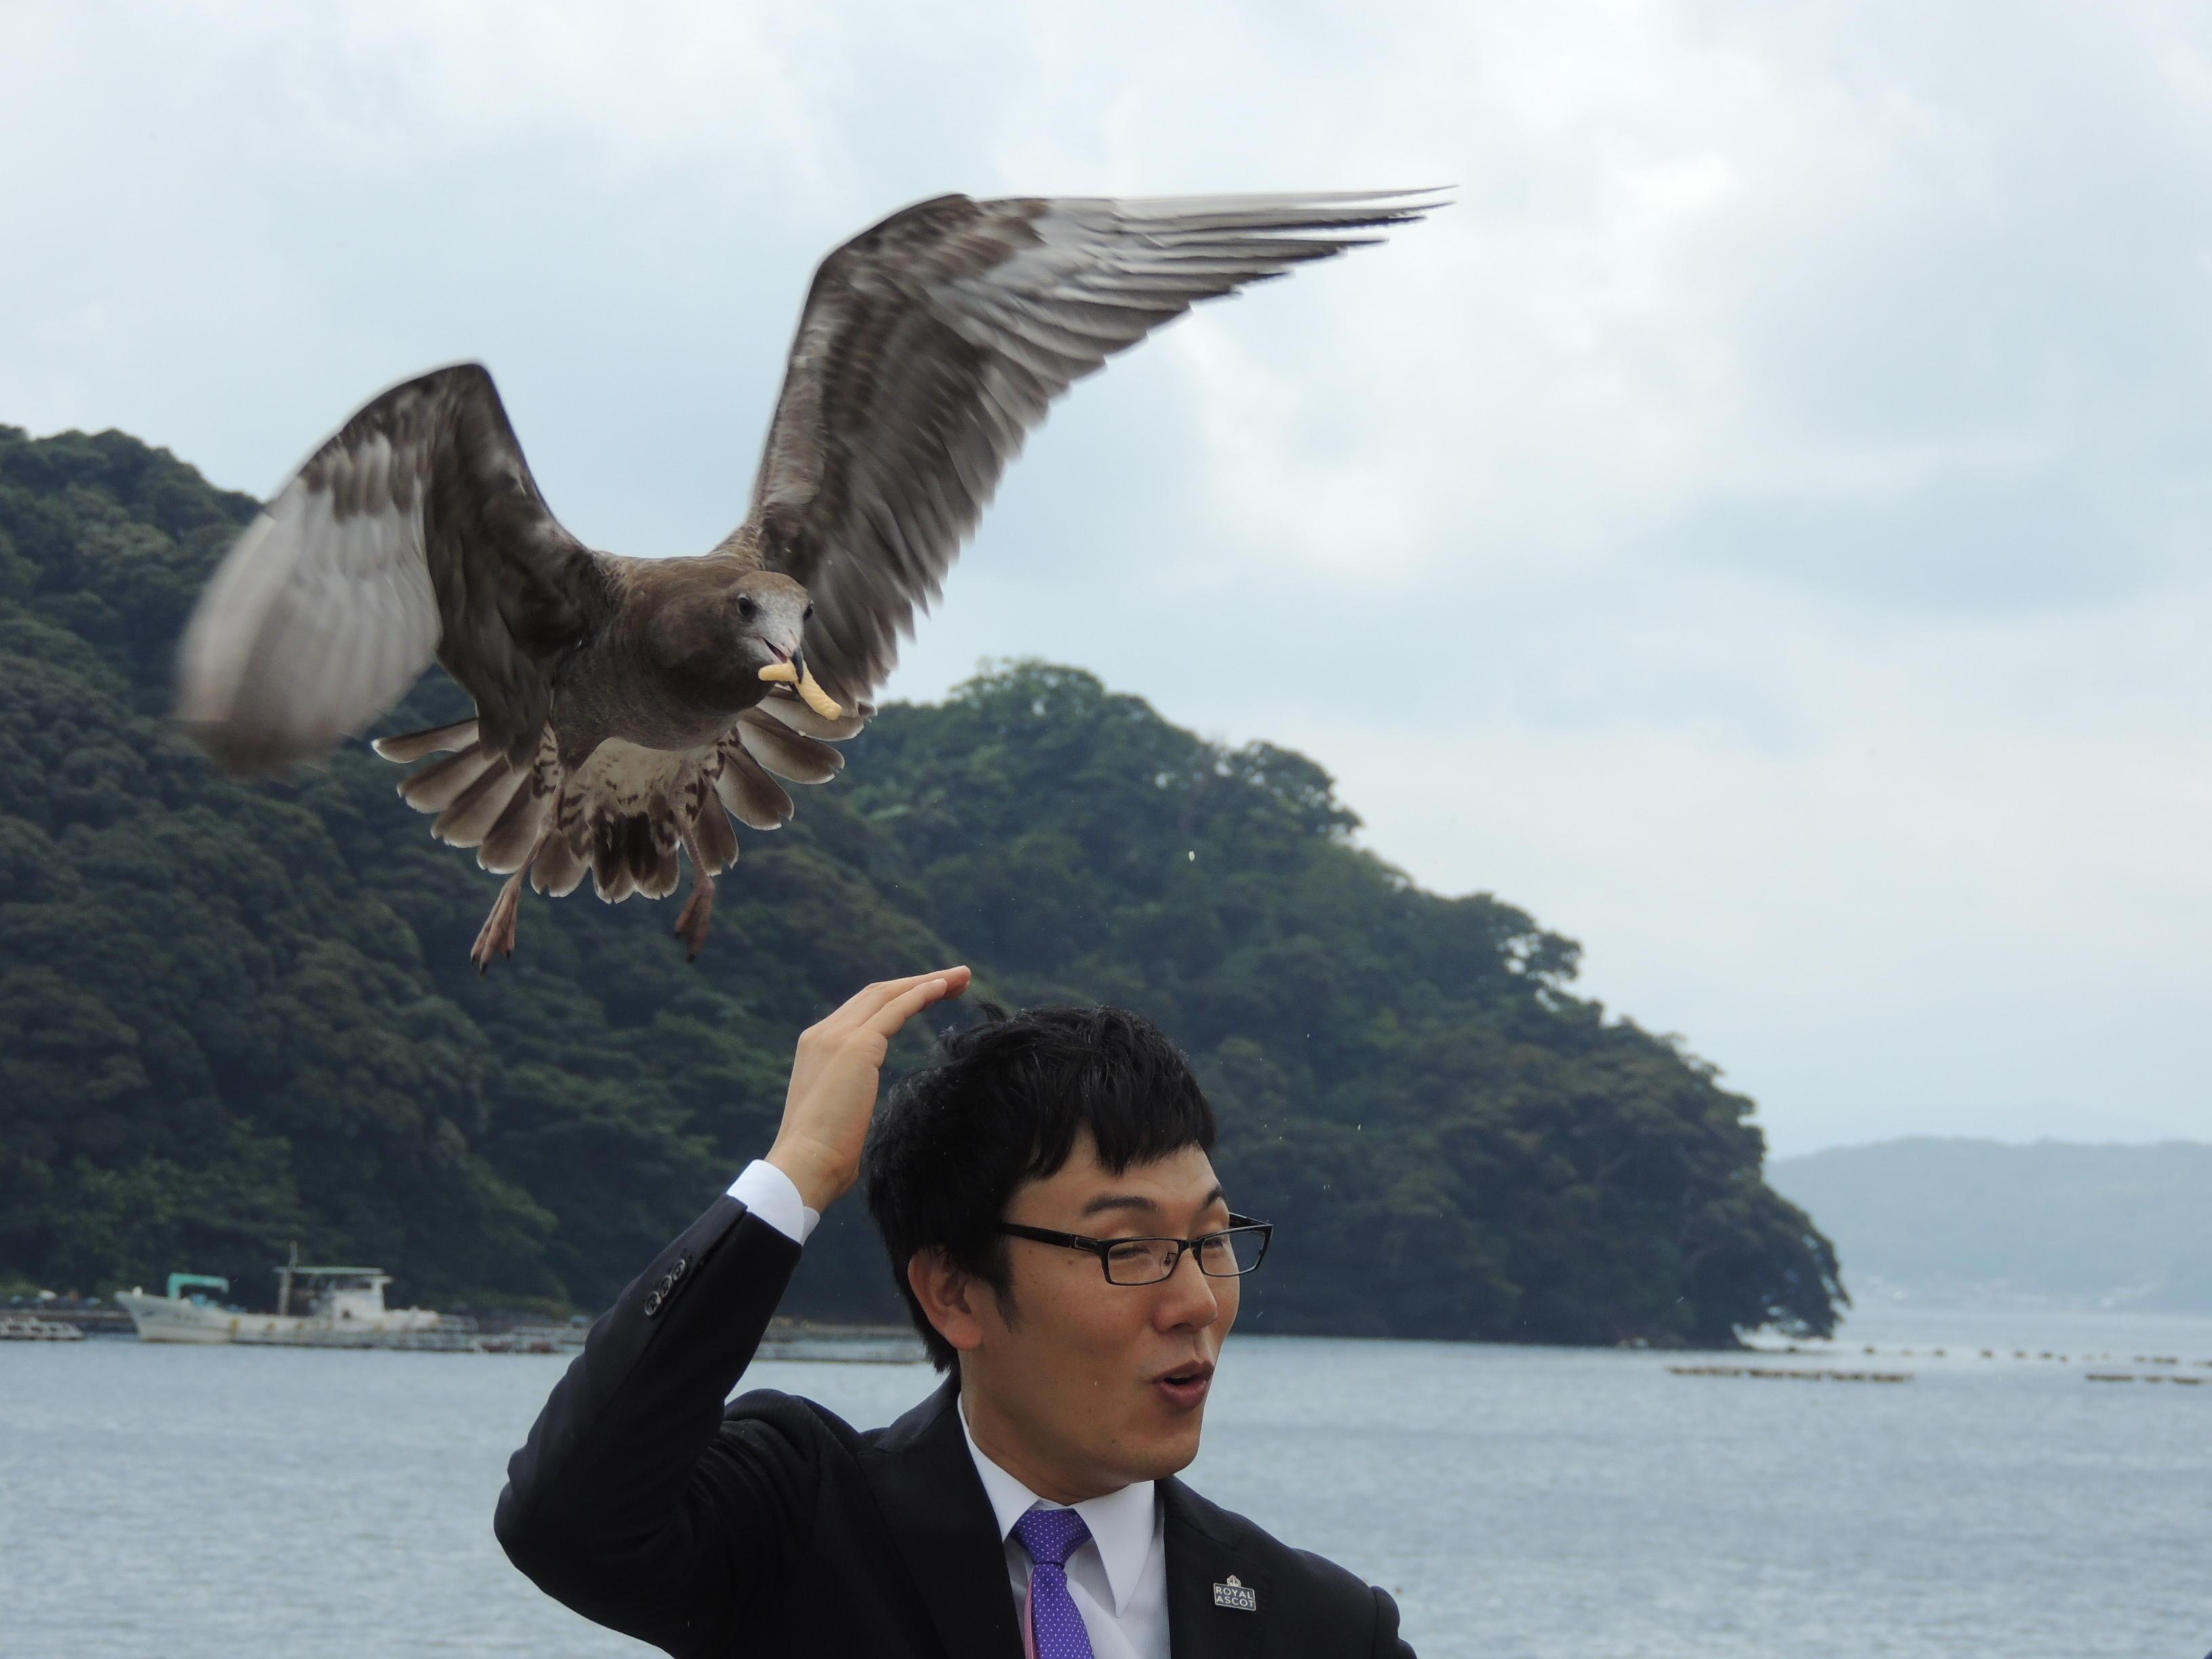 http://news.yoshimoto.co.jp/20160903205907-5de145eccdca293deeb82bd1ffe605baa9db9d46.jpg